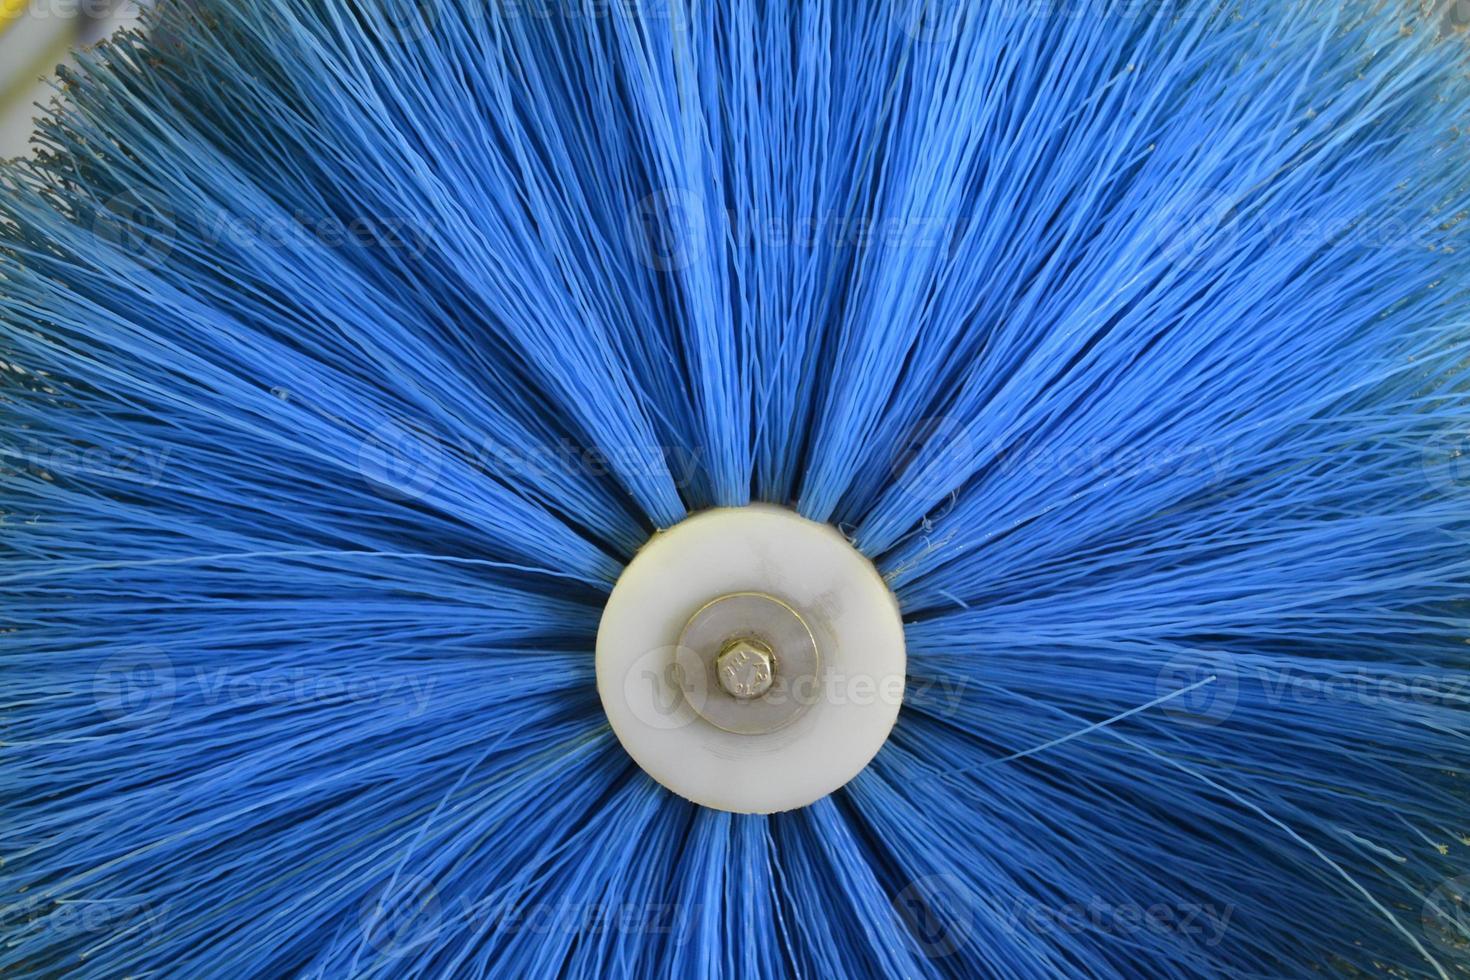 brosse de nettoyage circulaire industrielle photo